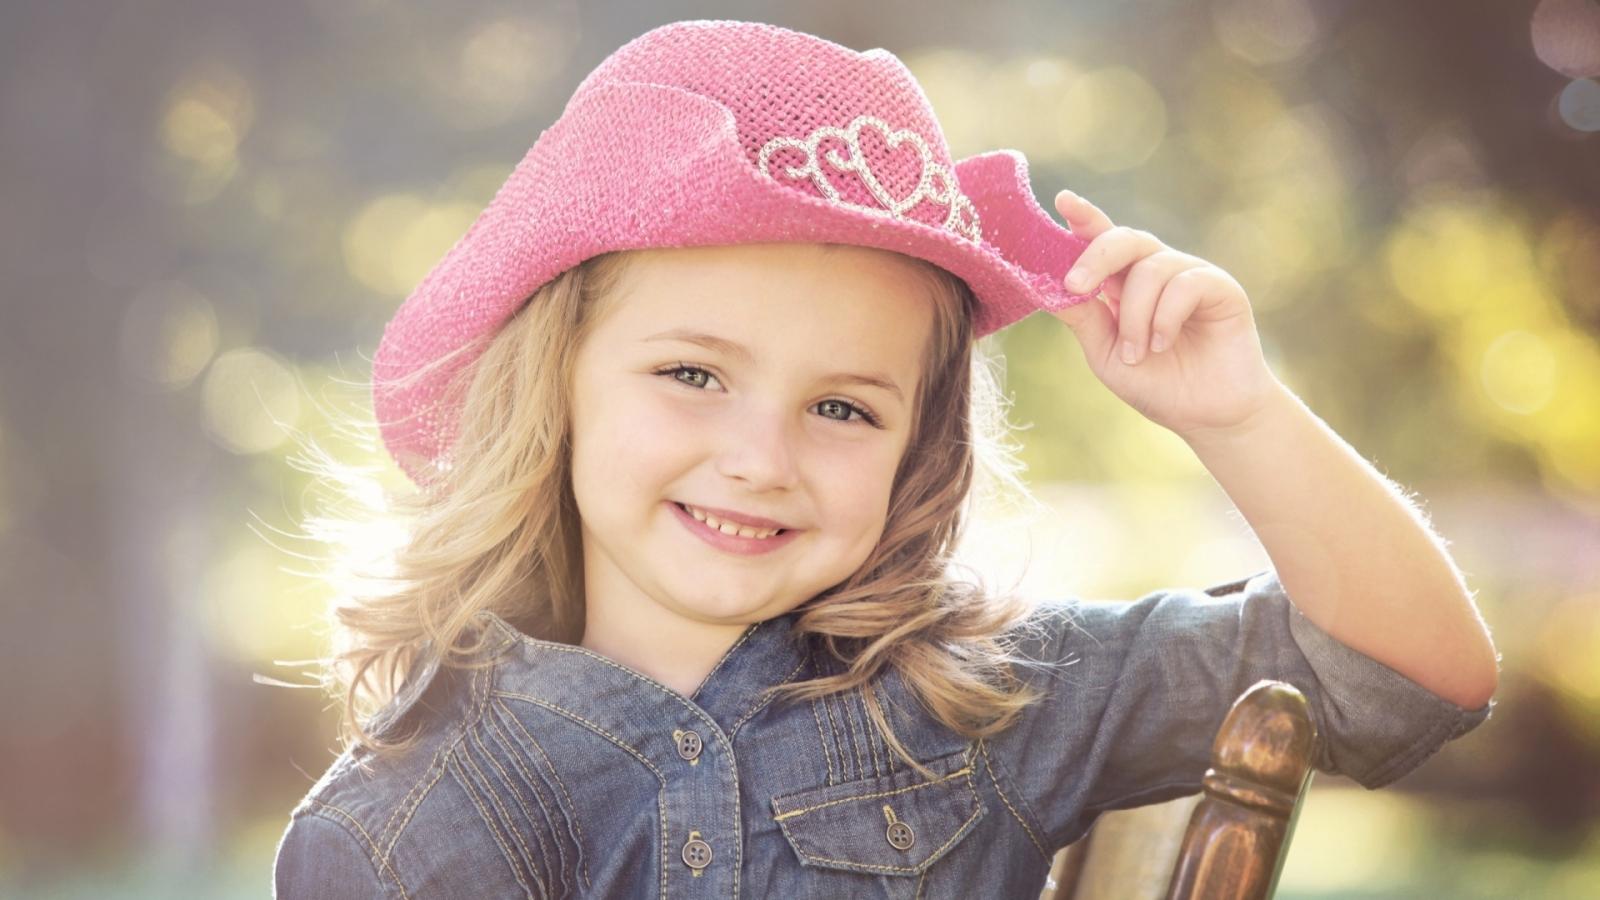 بالصور صور بنات صغار حلوات , اجمل صور لبنات صغيره جميله 3664 3